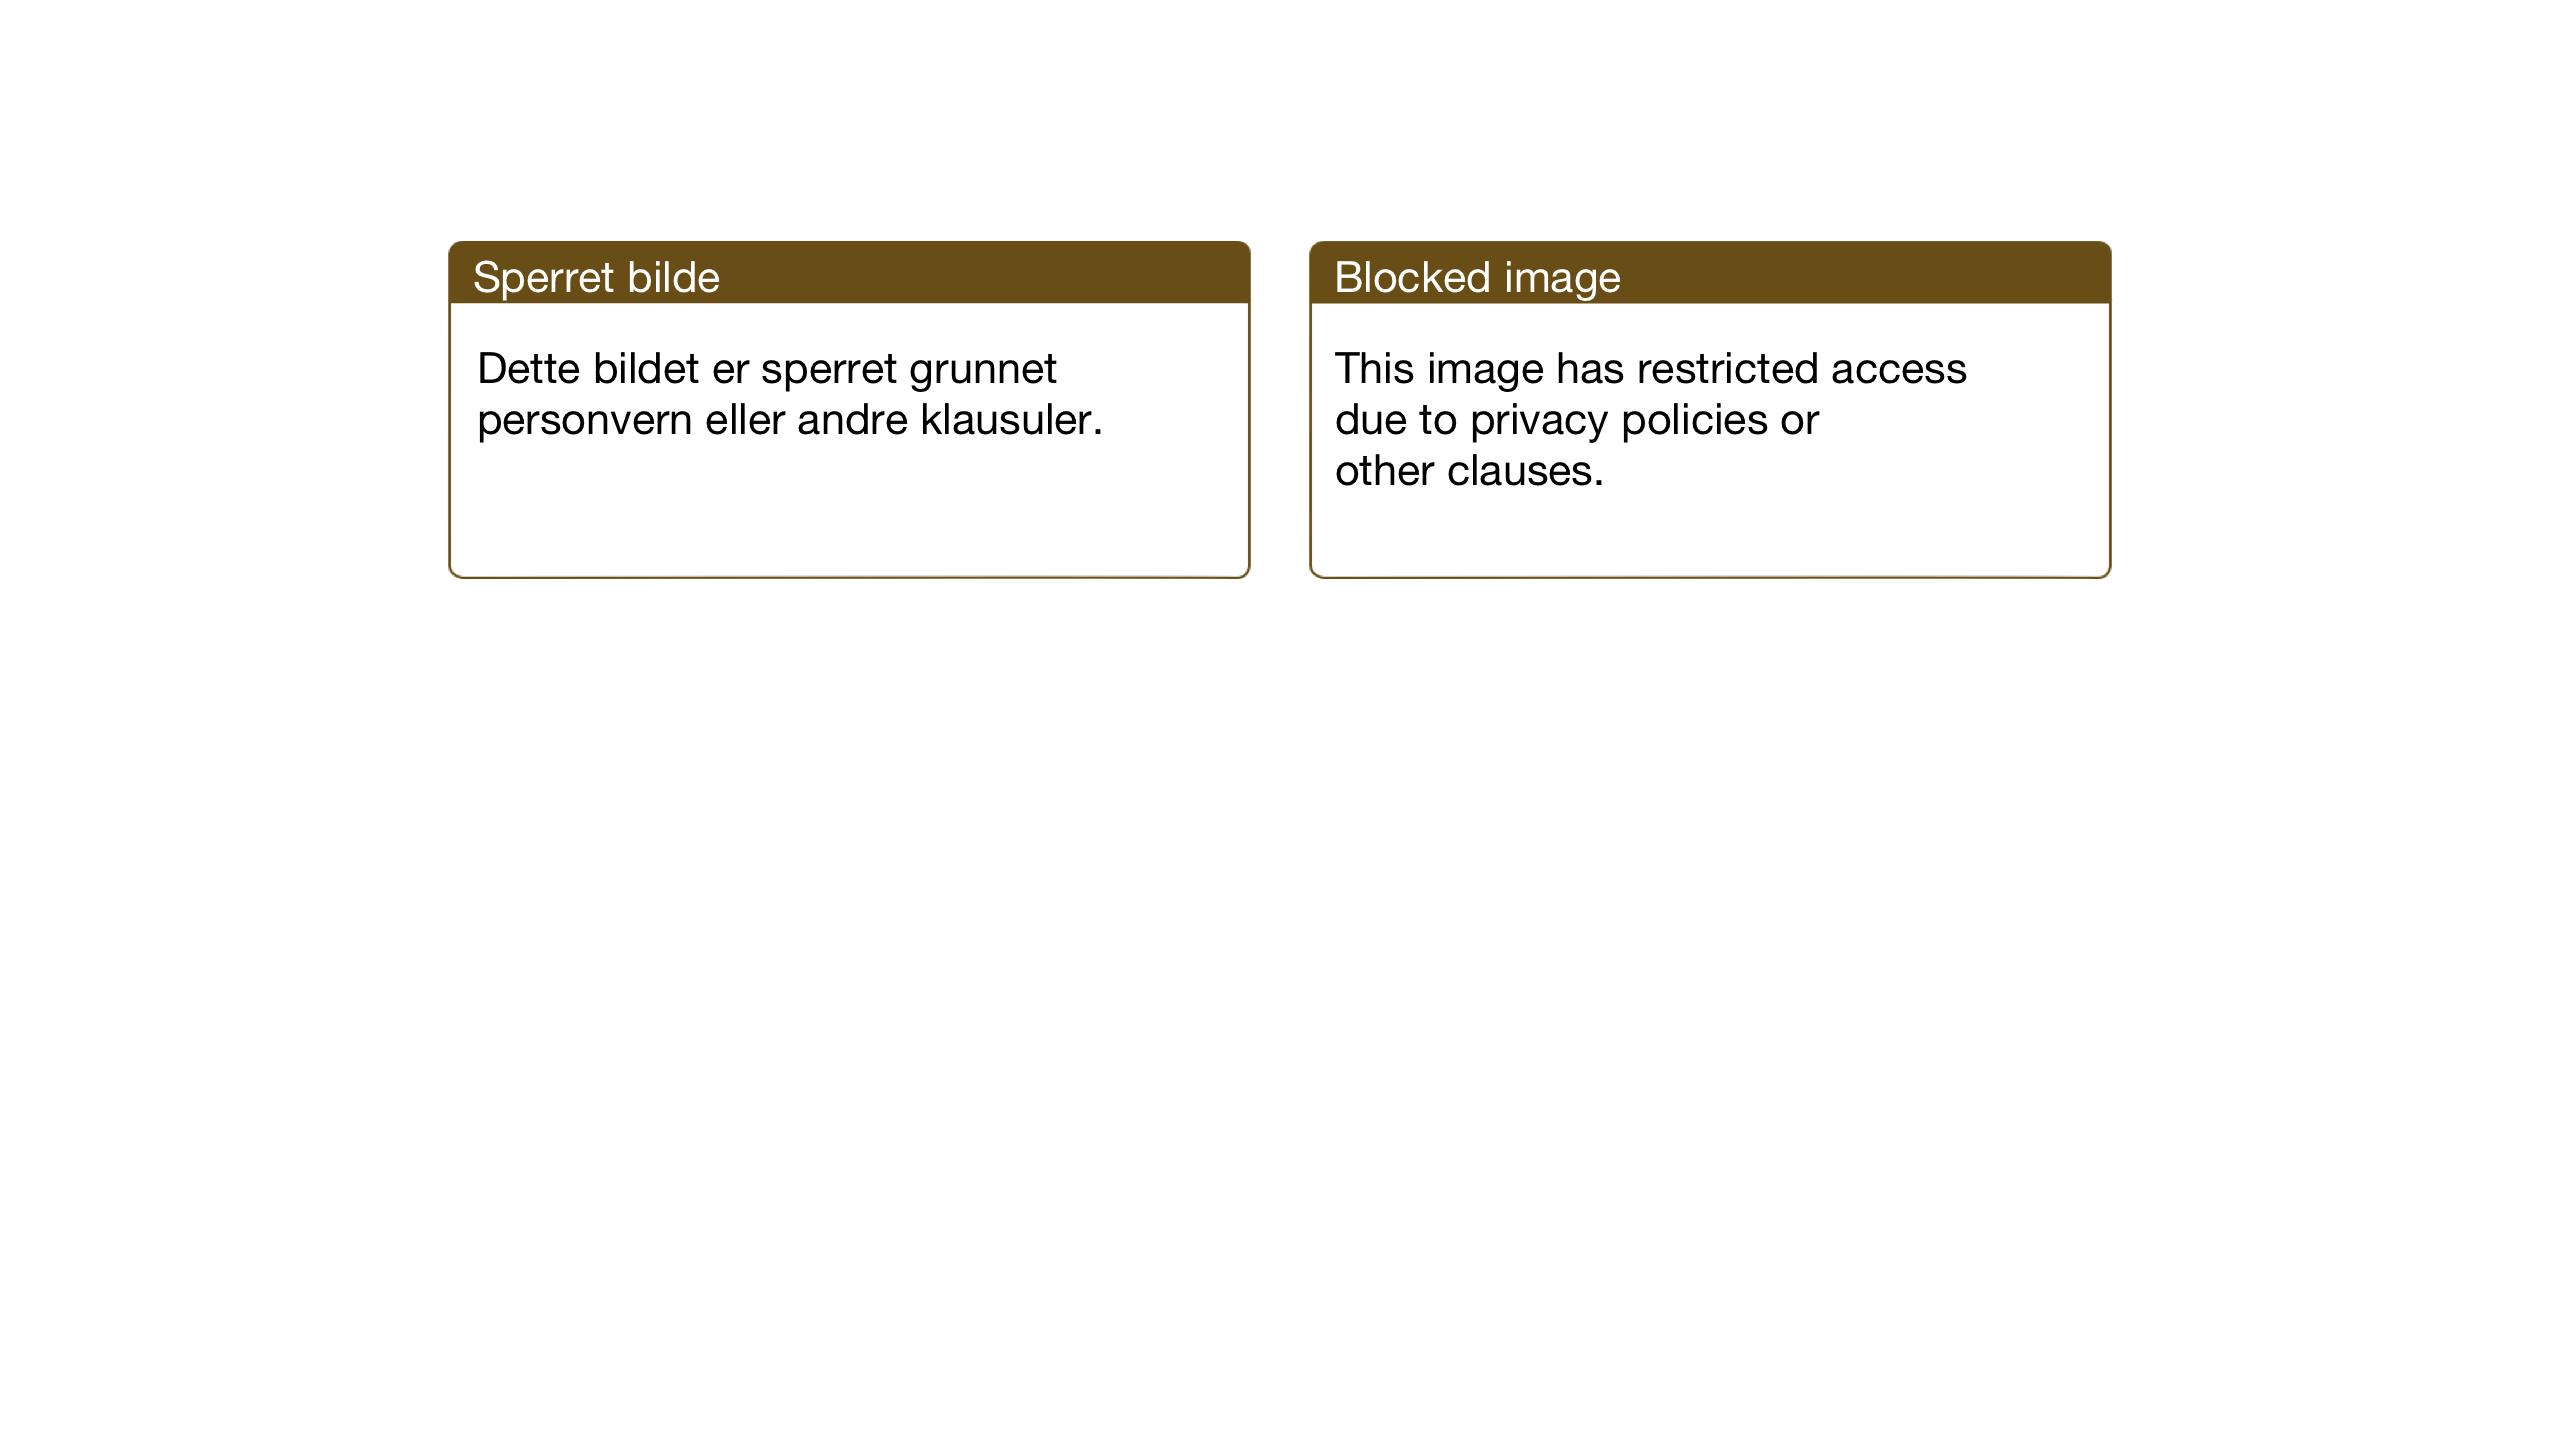 SAT, Ministerialprotokoller, klokkerbøker og fødselsregistre - Sør-Trøndelag, 657/L0718: Klokkerbok nr. 657C05, 1923-1948, s. 211